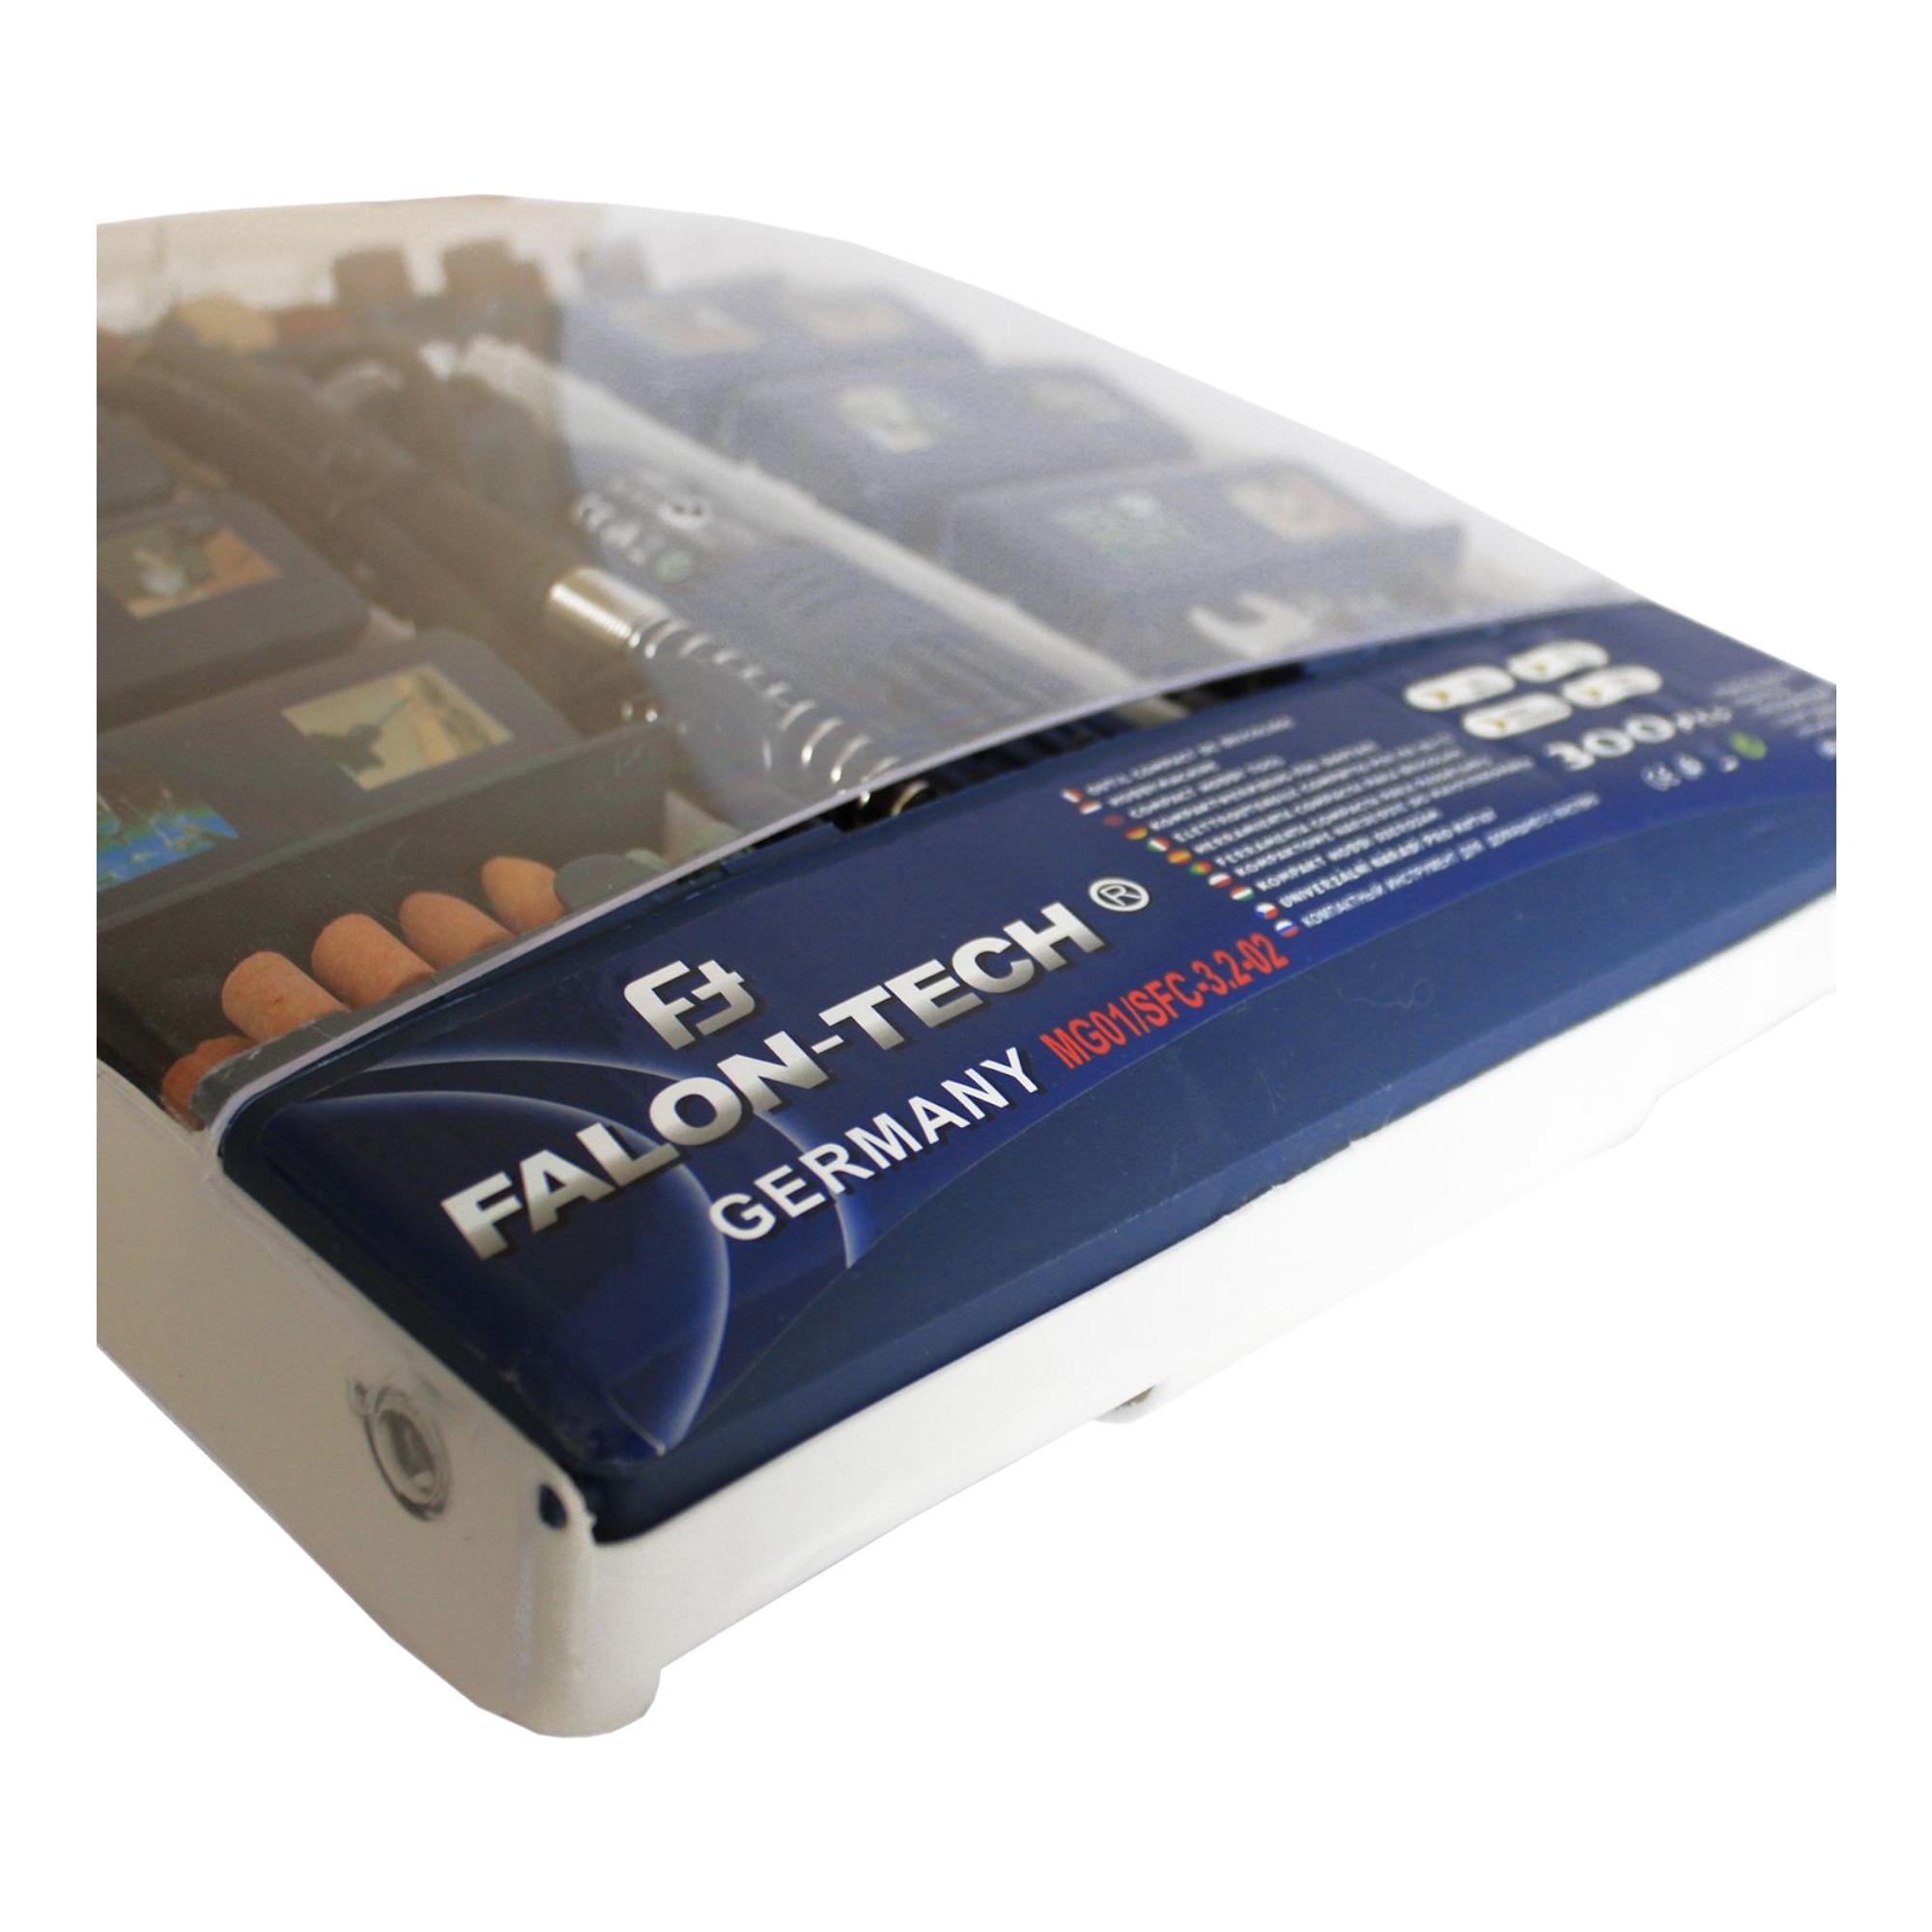 Falon-Tech Mini-Schleifer-Set MG01 300tlg. Firma i Przemysł Narzędzia, sprzęt warsztatowy